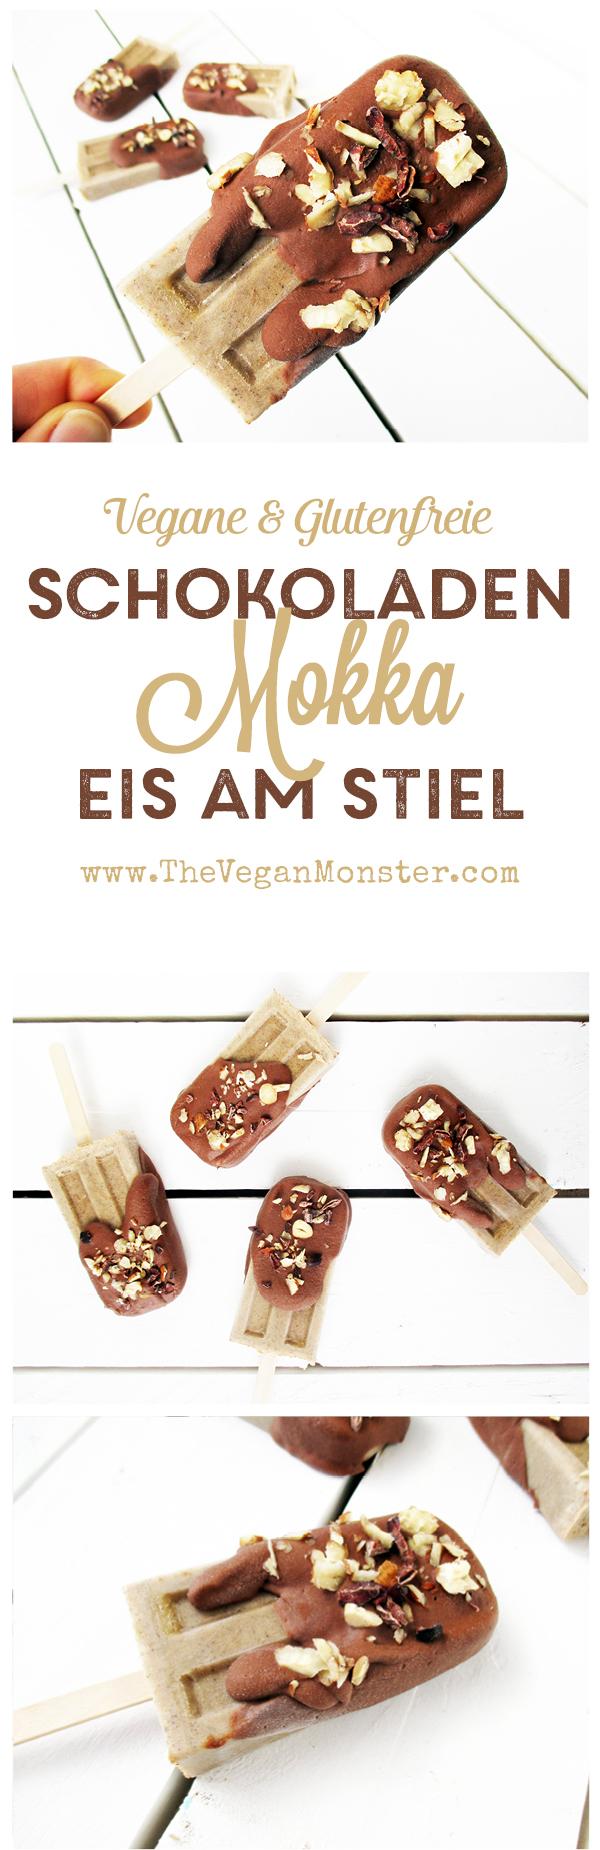 Veganes Glutenfreies Milchfreies Schokoladen Mokka Eis am Stiel ohne Kristallzucker Rezept